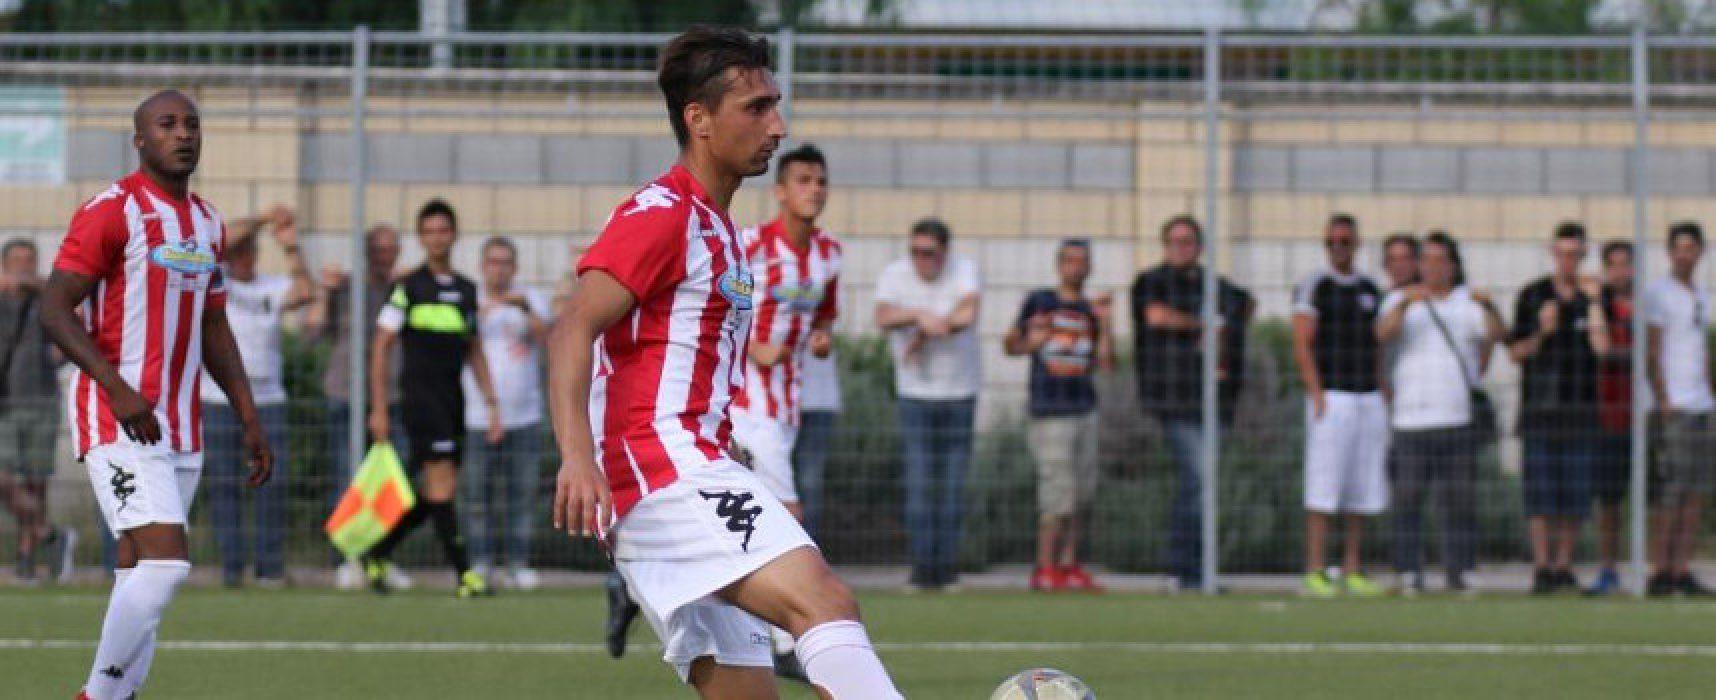 Unione Calcio: rinforzo in difesa, arriva Nicola Grazioso